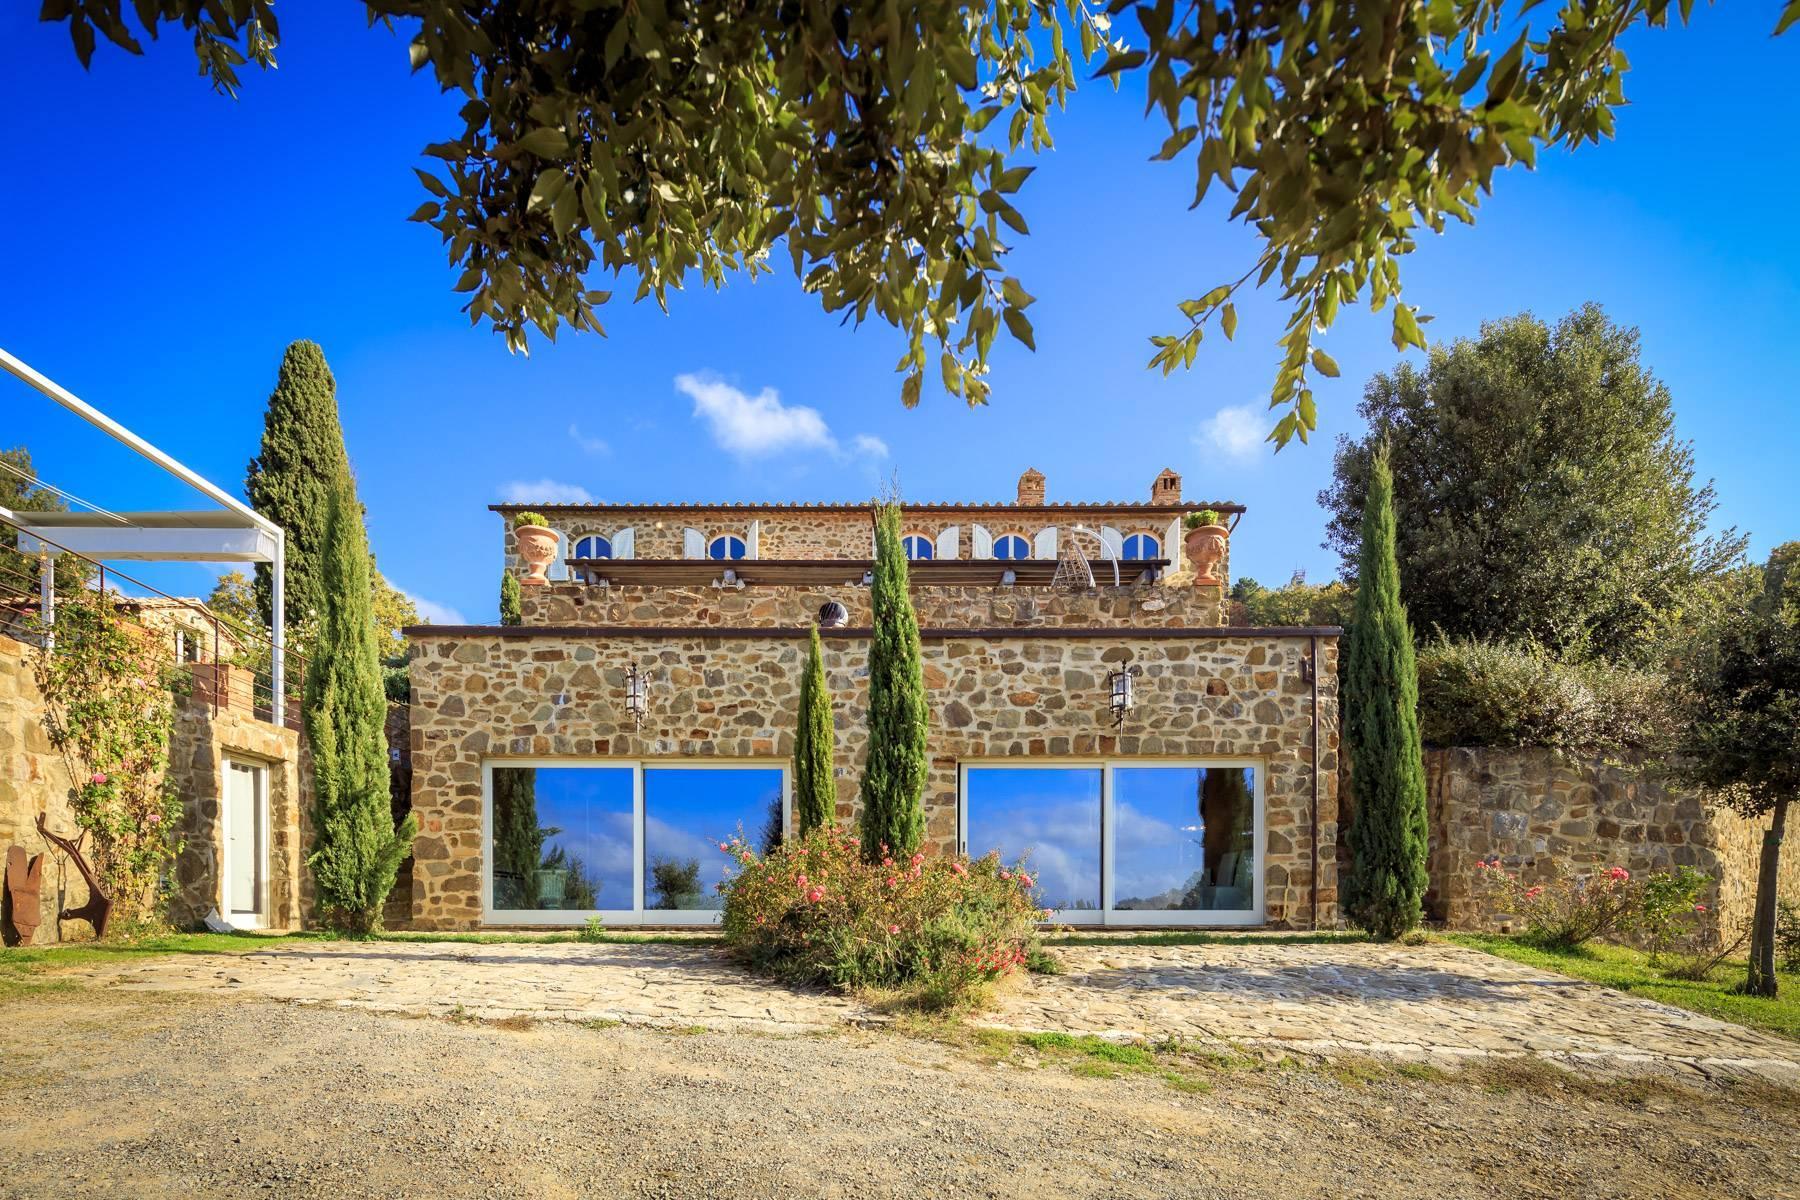 Wunderschönes restauriertes Bauernhaus in der Nähe von Montalcino - 2